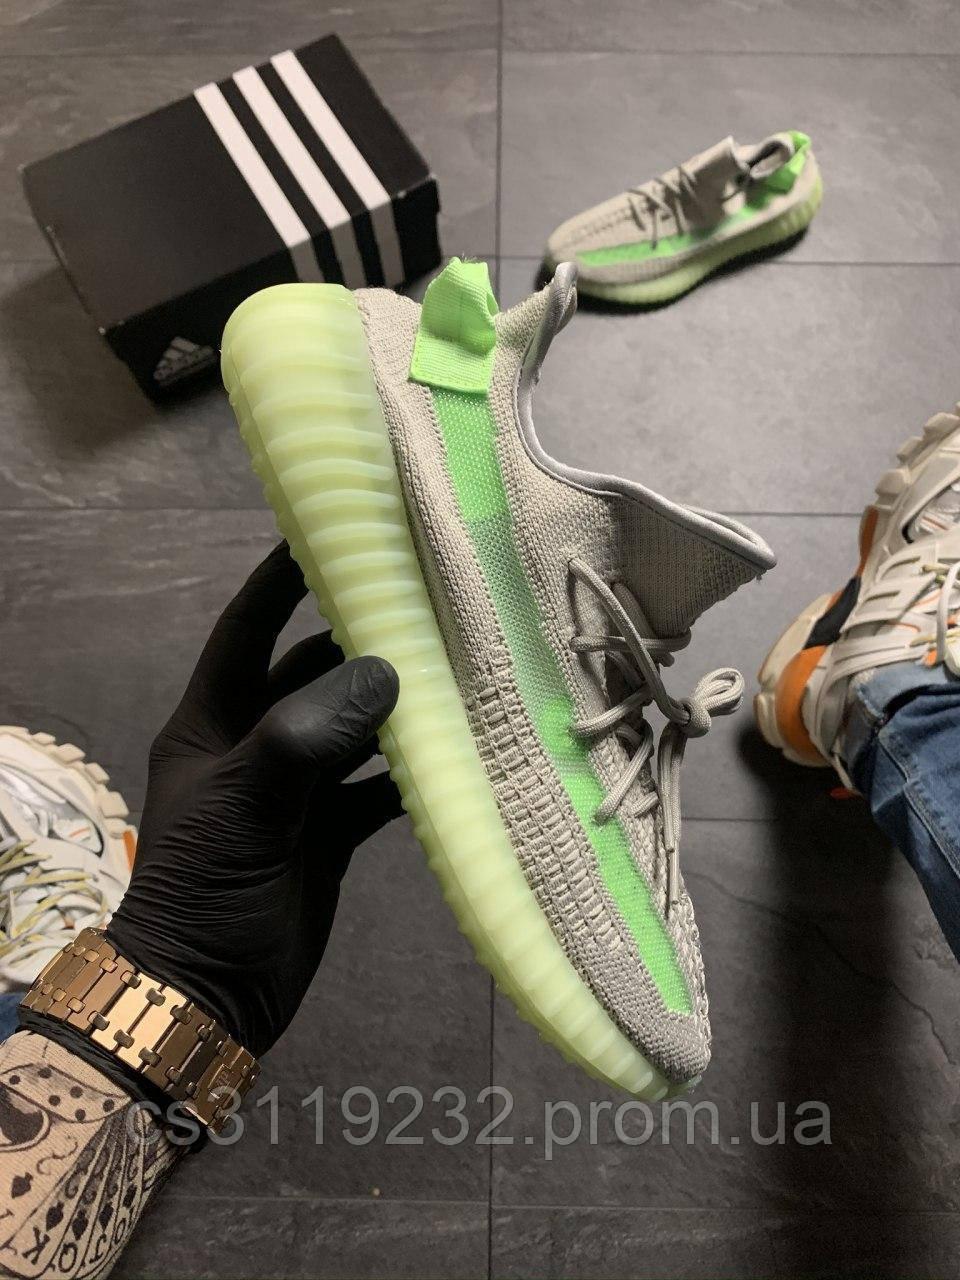 Чоловічі кросівки Adidas Yeezy Boost 350 v2 Green Grey (сіро-зелені)